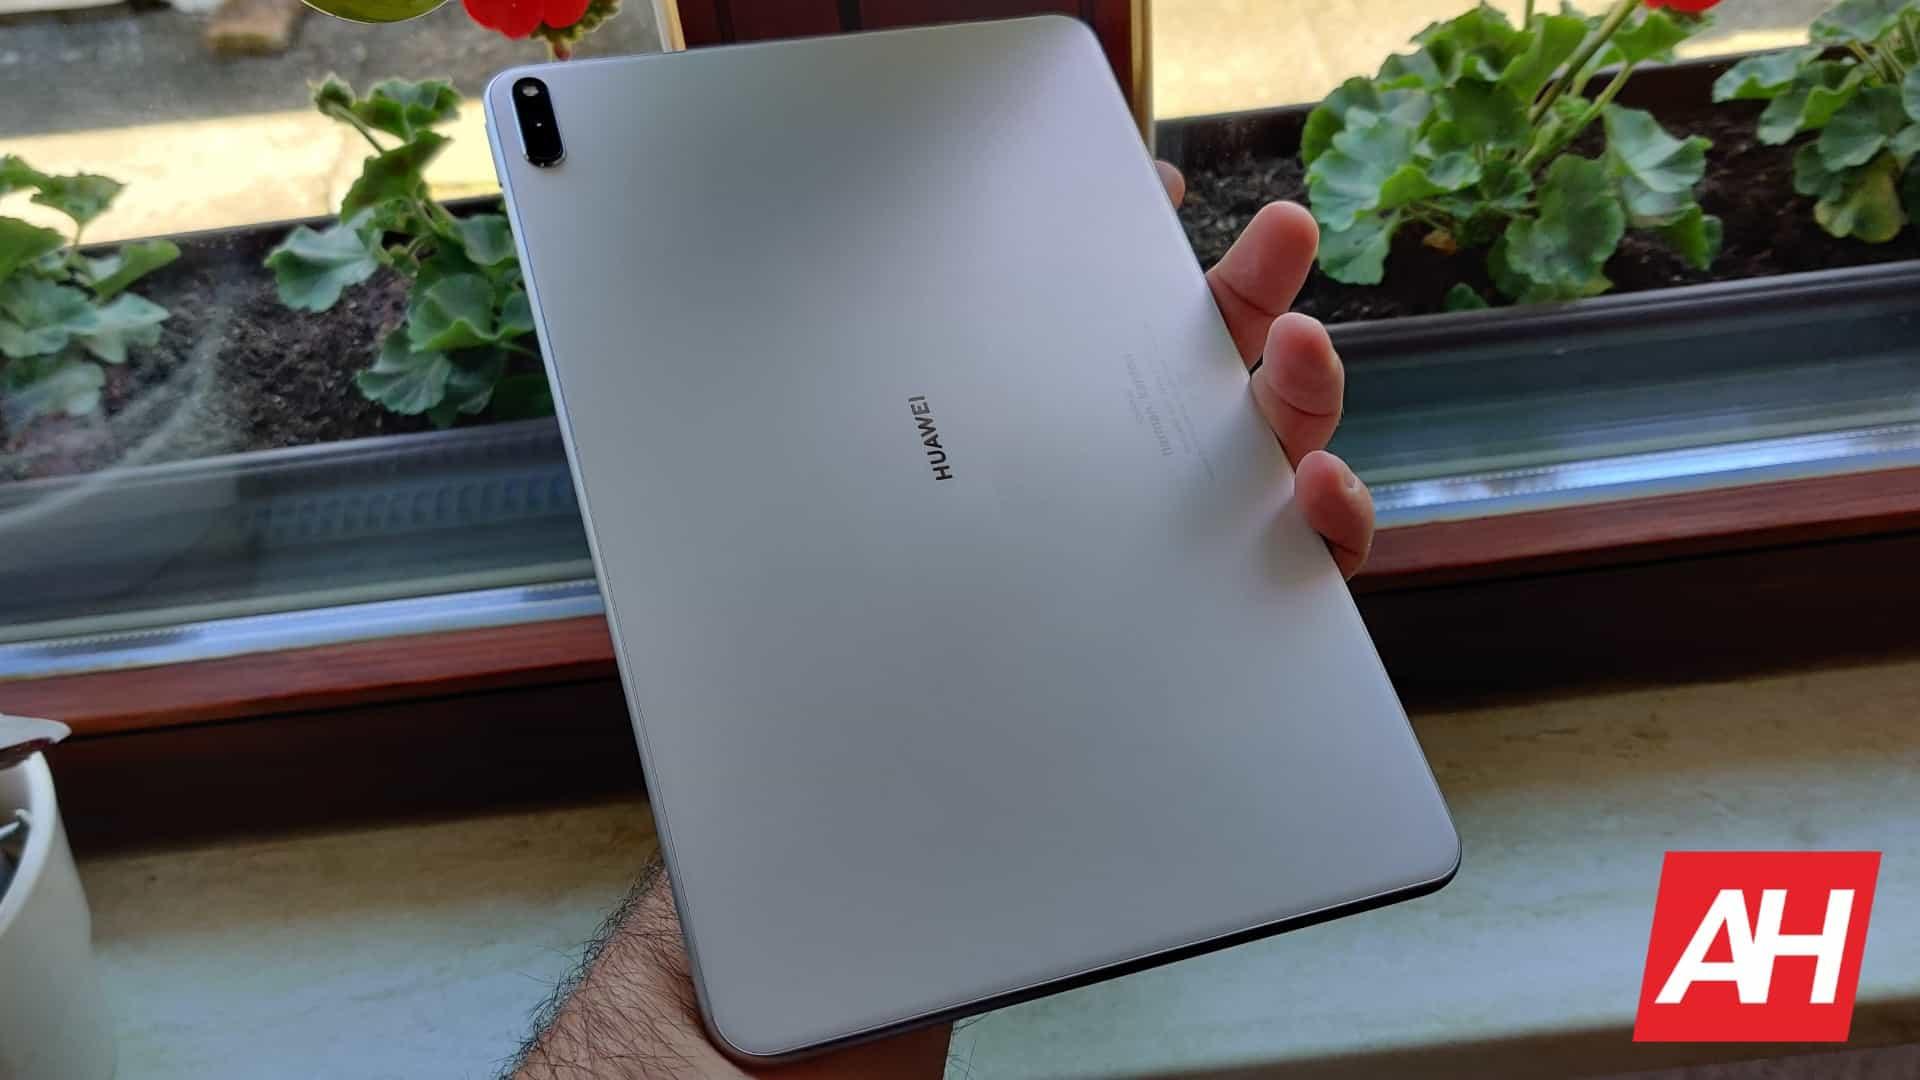 AH Huawei MatePad Pro image 12